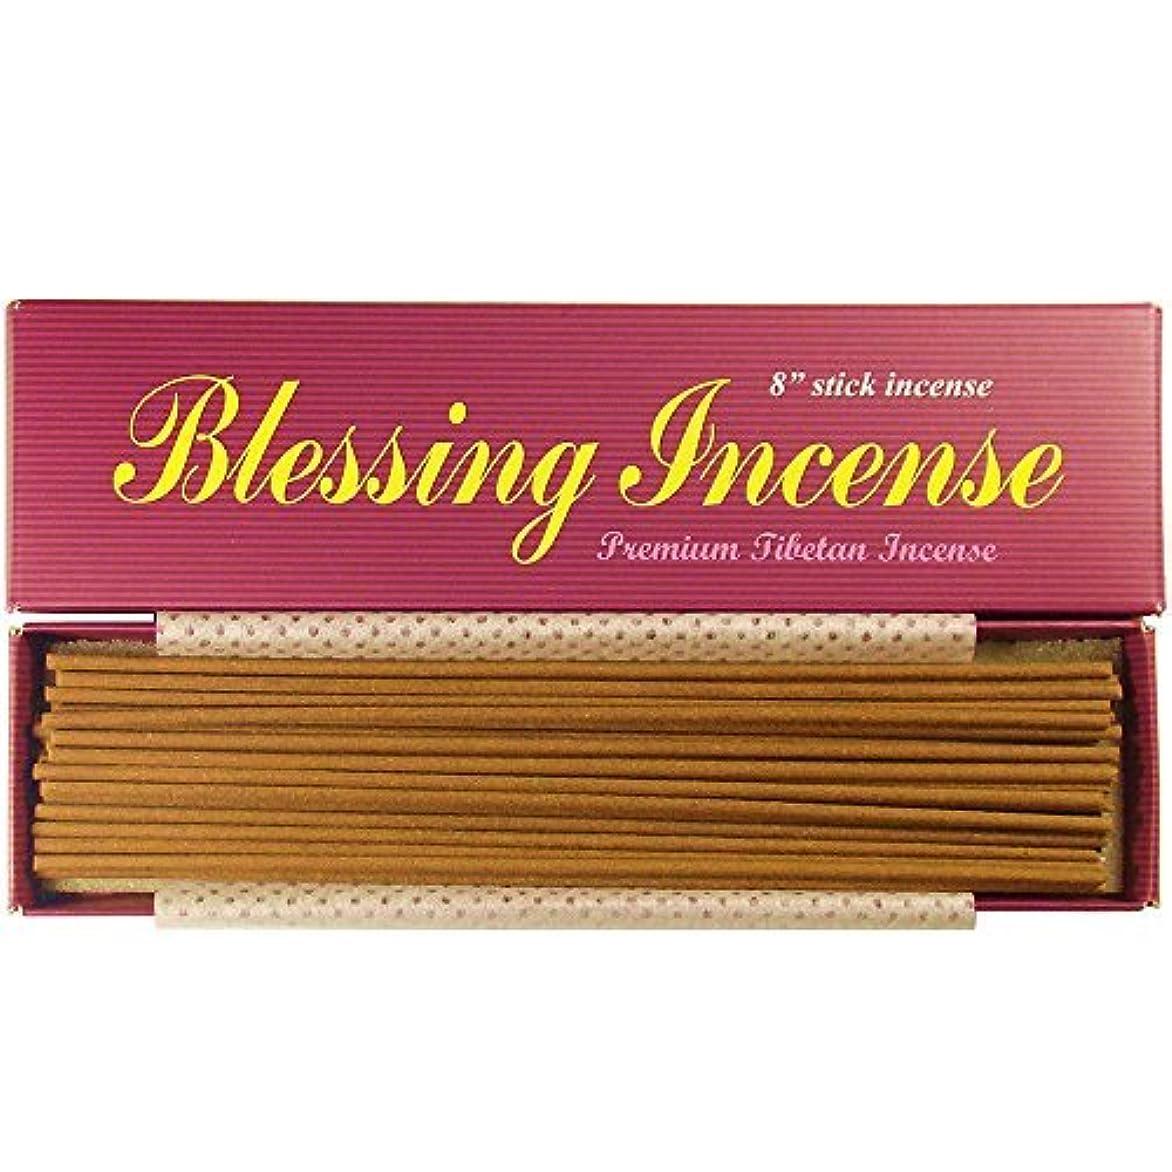 冷酷な百万アーティファクトBlessing Incense - 8 Stick Incense - 100% Natural - C003T [並行輸入品]